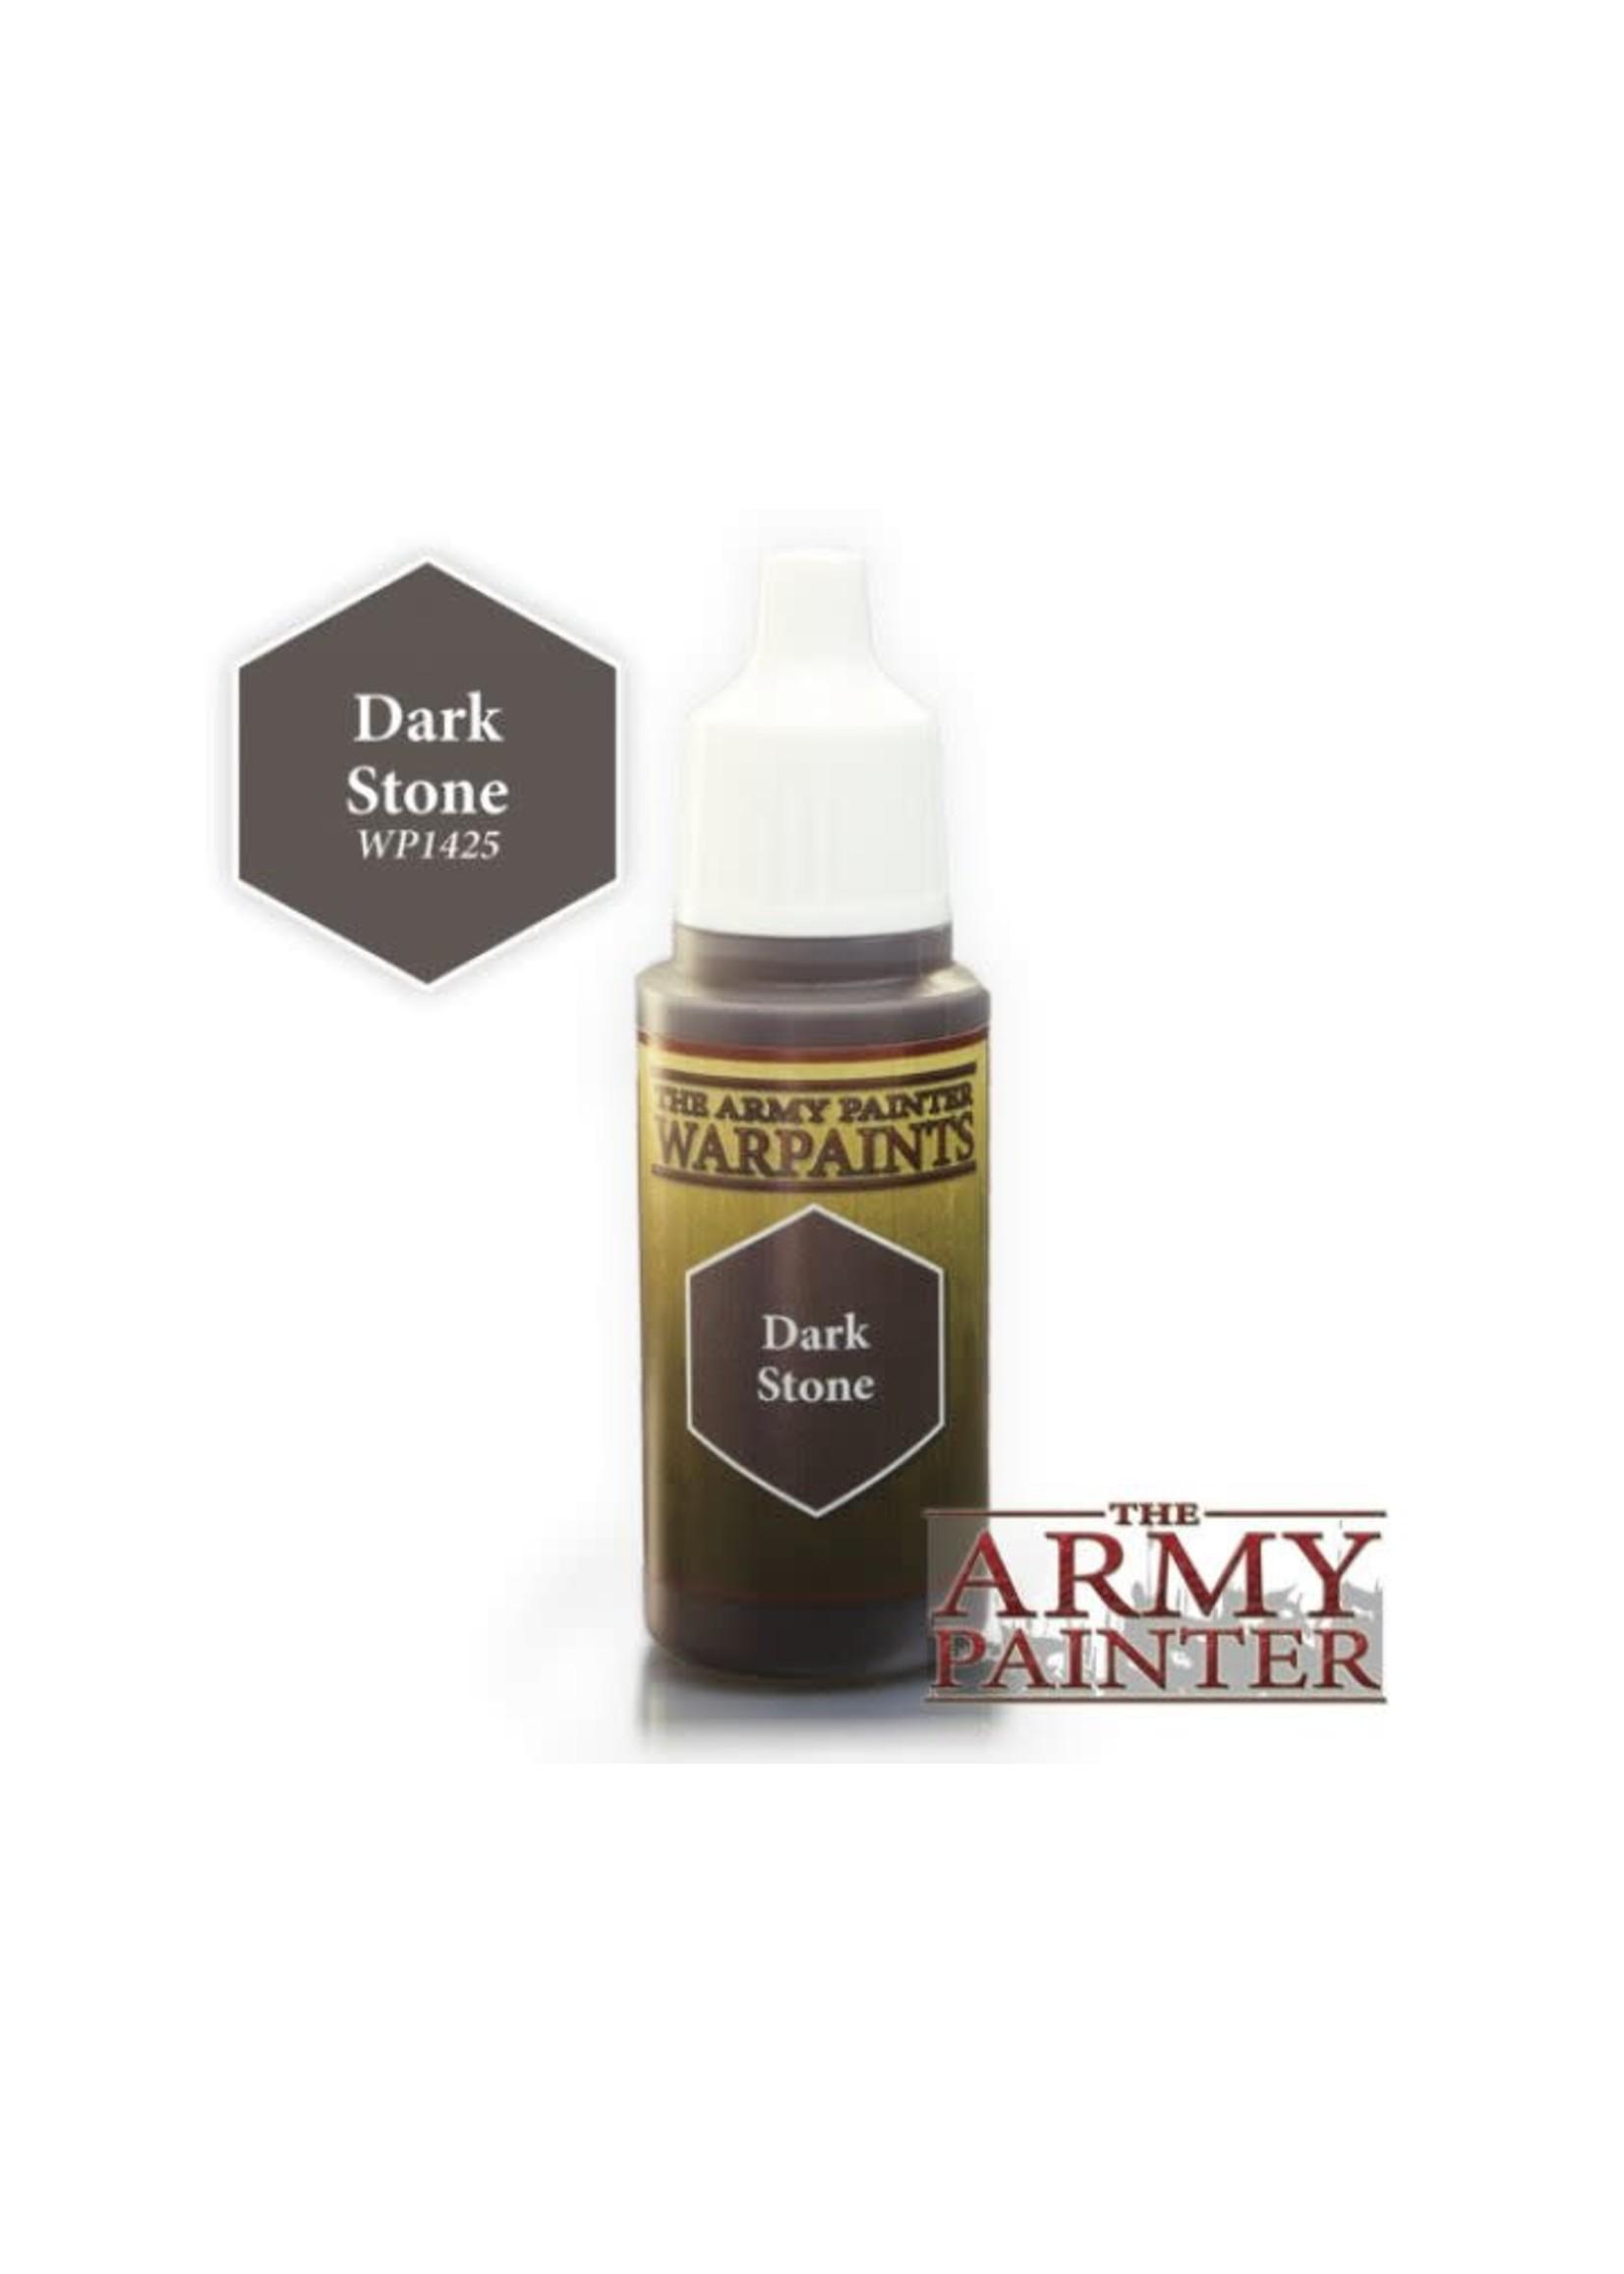 Army Painter Warpaints - Dark Stone